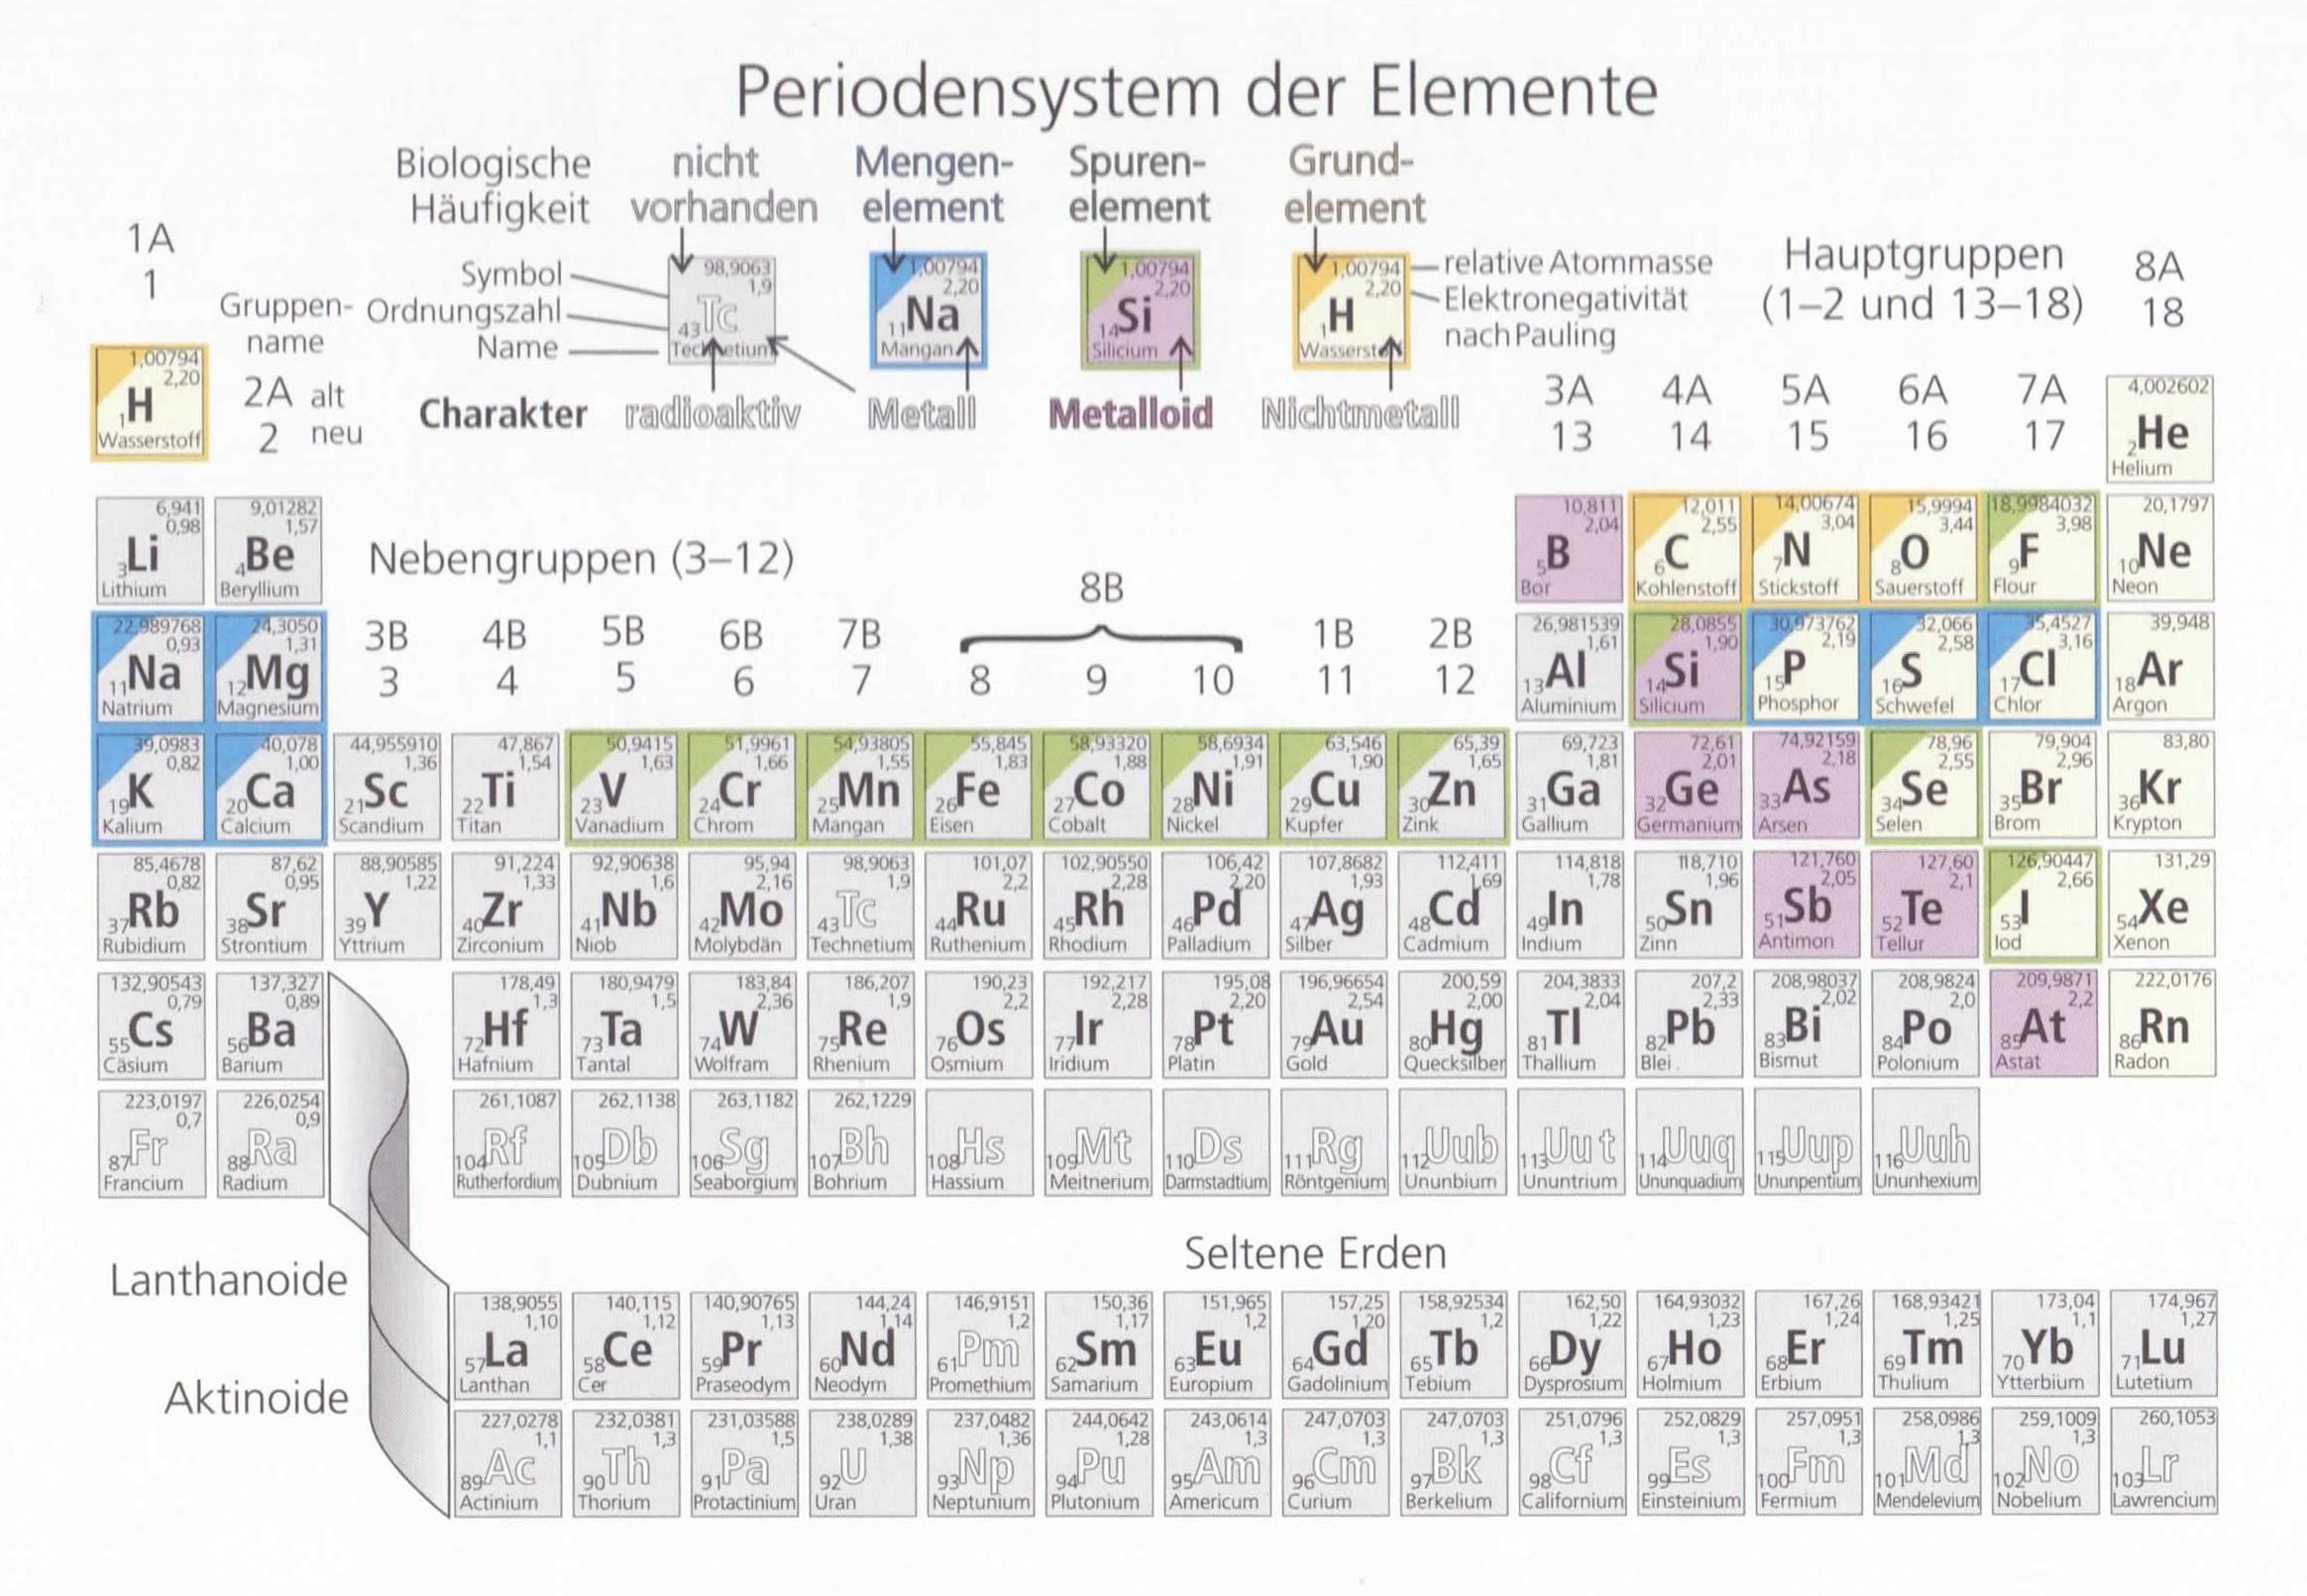 Tolle Anatomie Des Periodensystems Zeitgenössisch - Menschliche ...